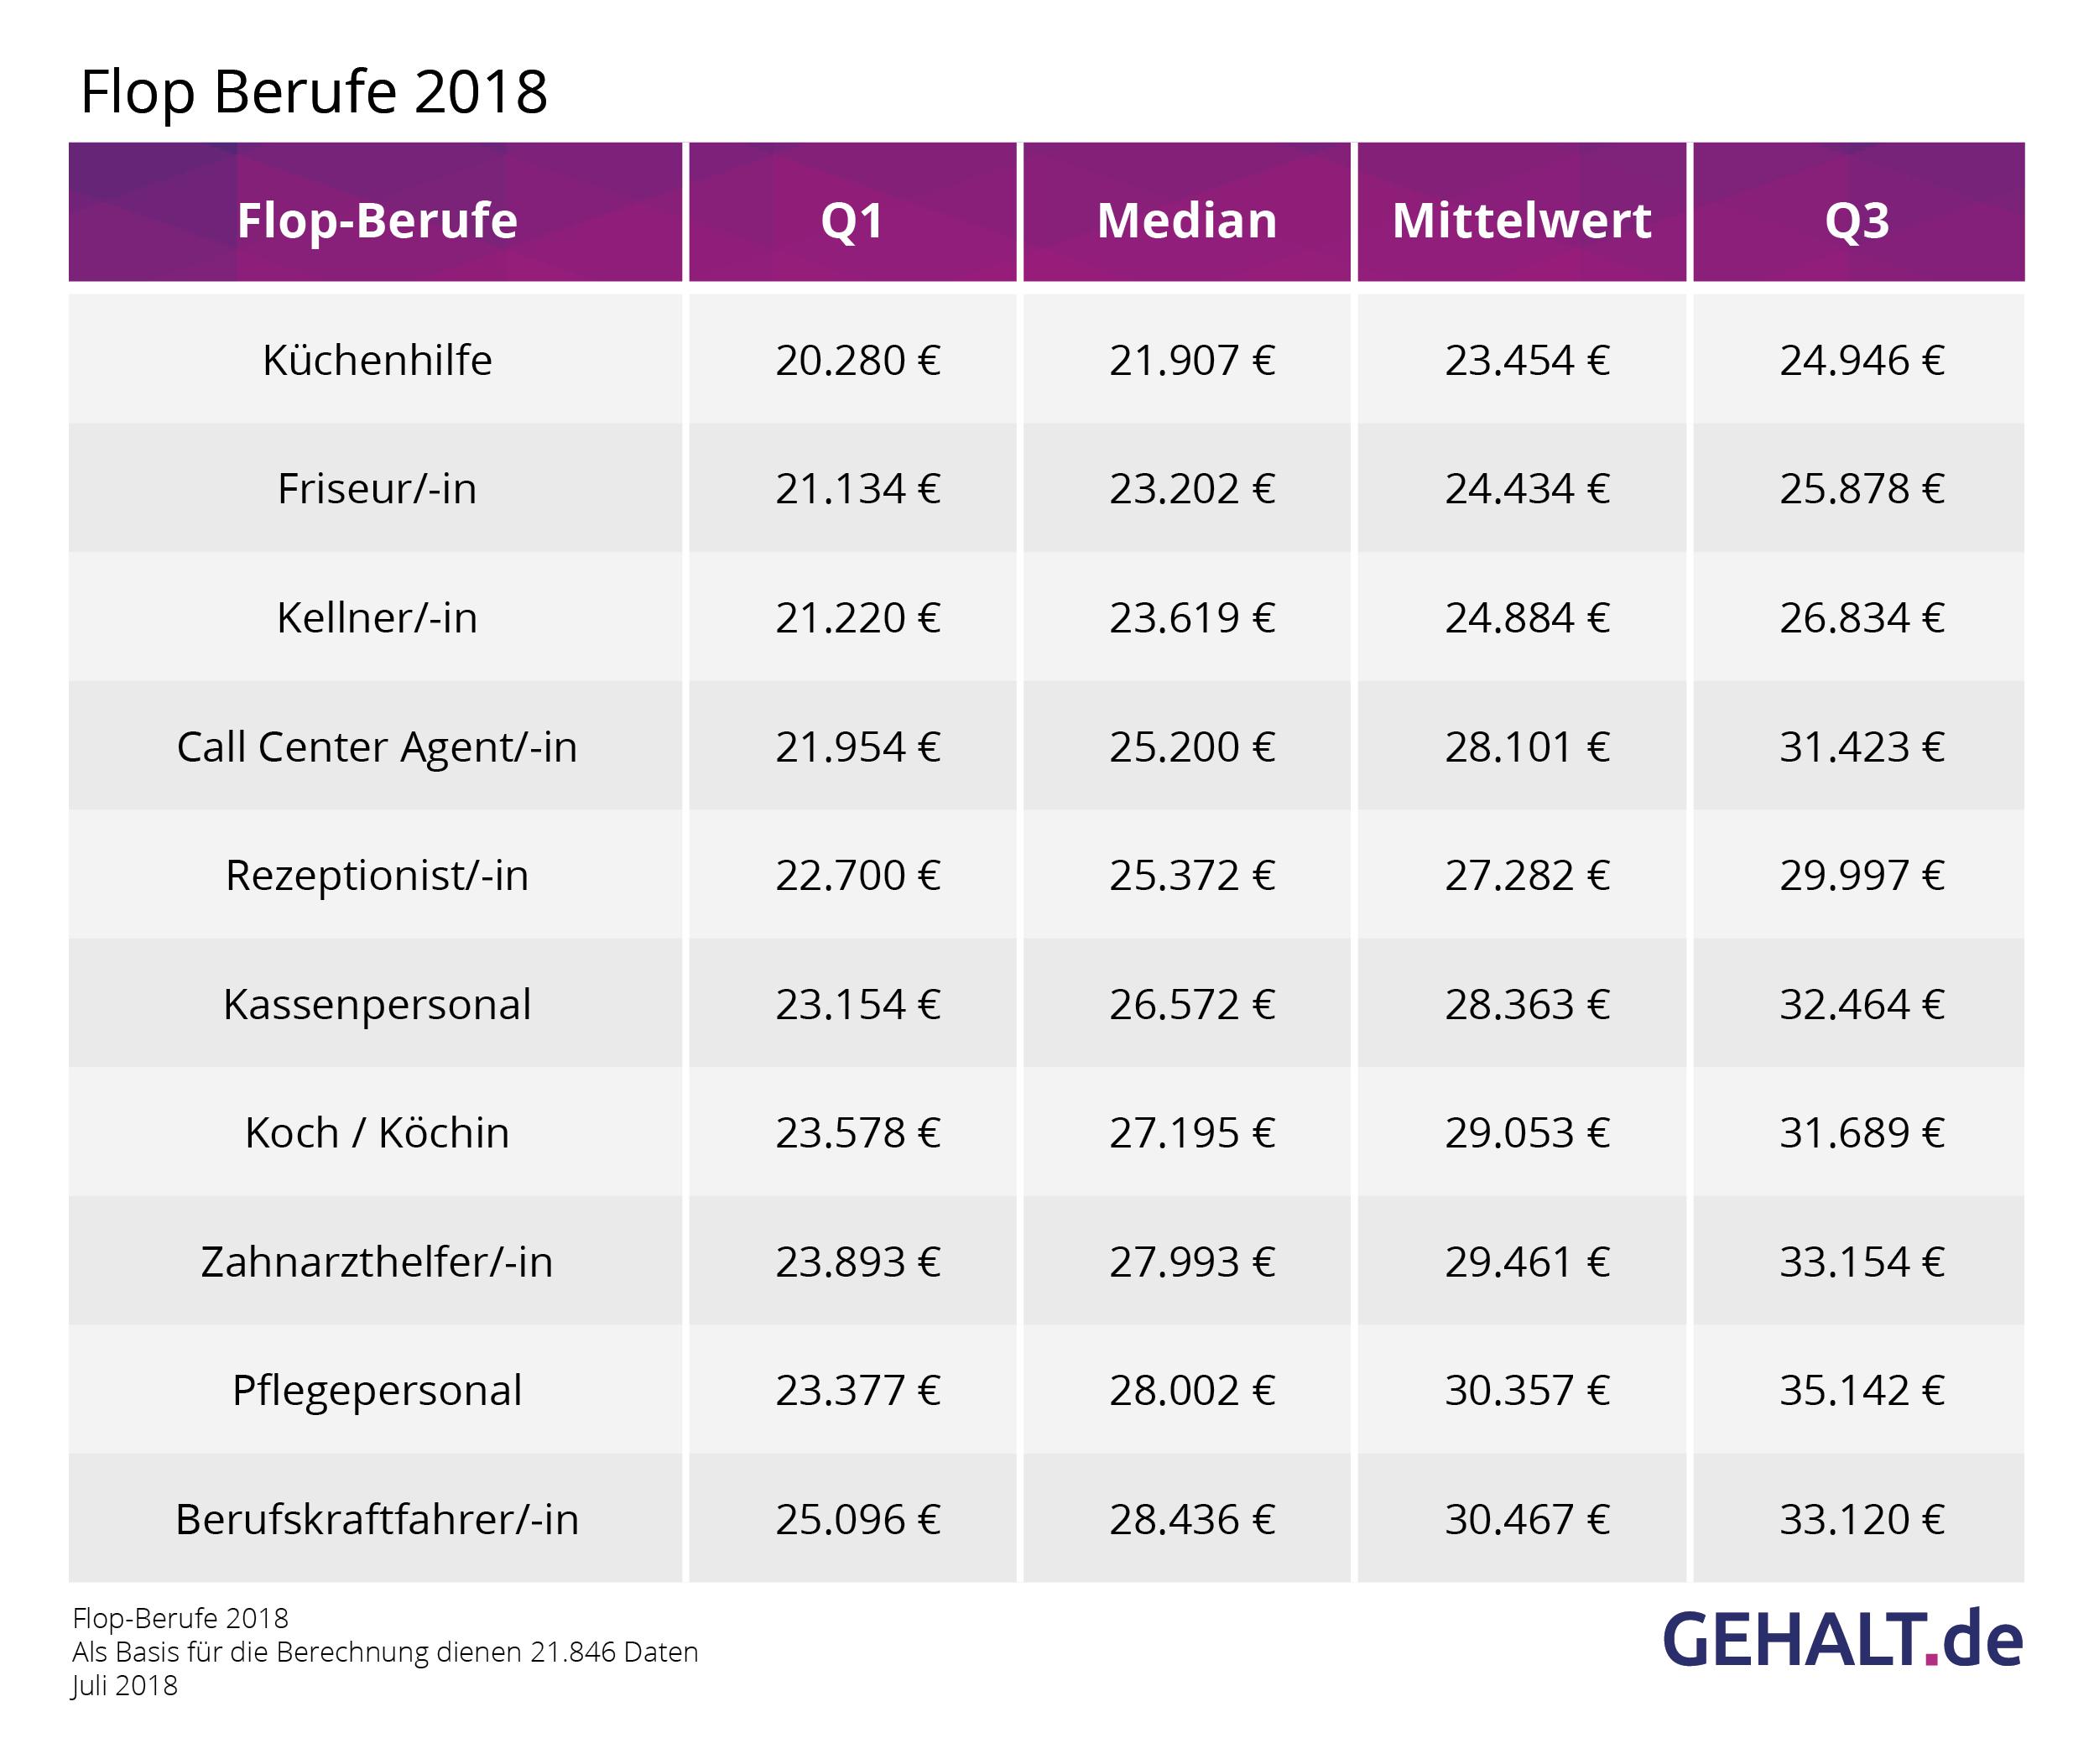 Top- und Flop-Berufe 2018: Wo locken die höchsten Gehälter